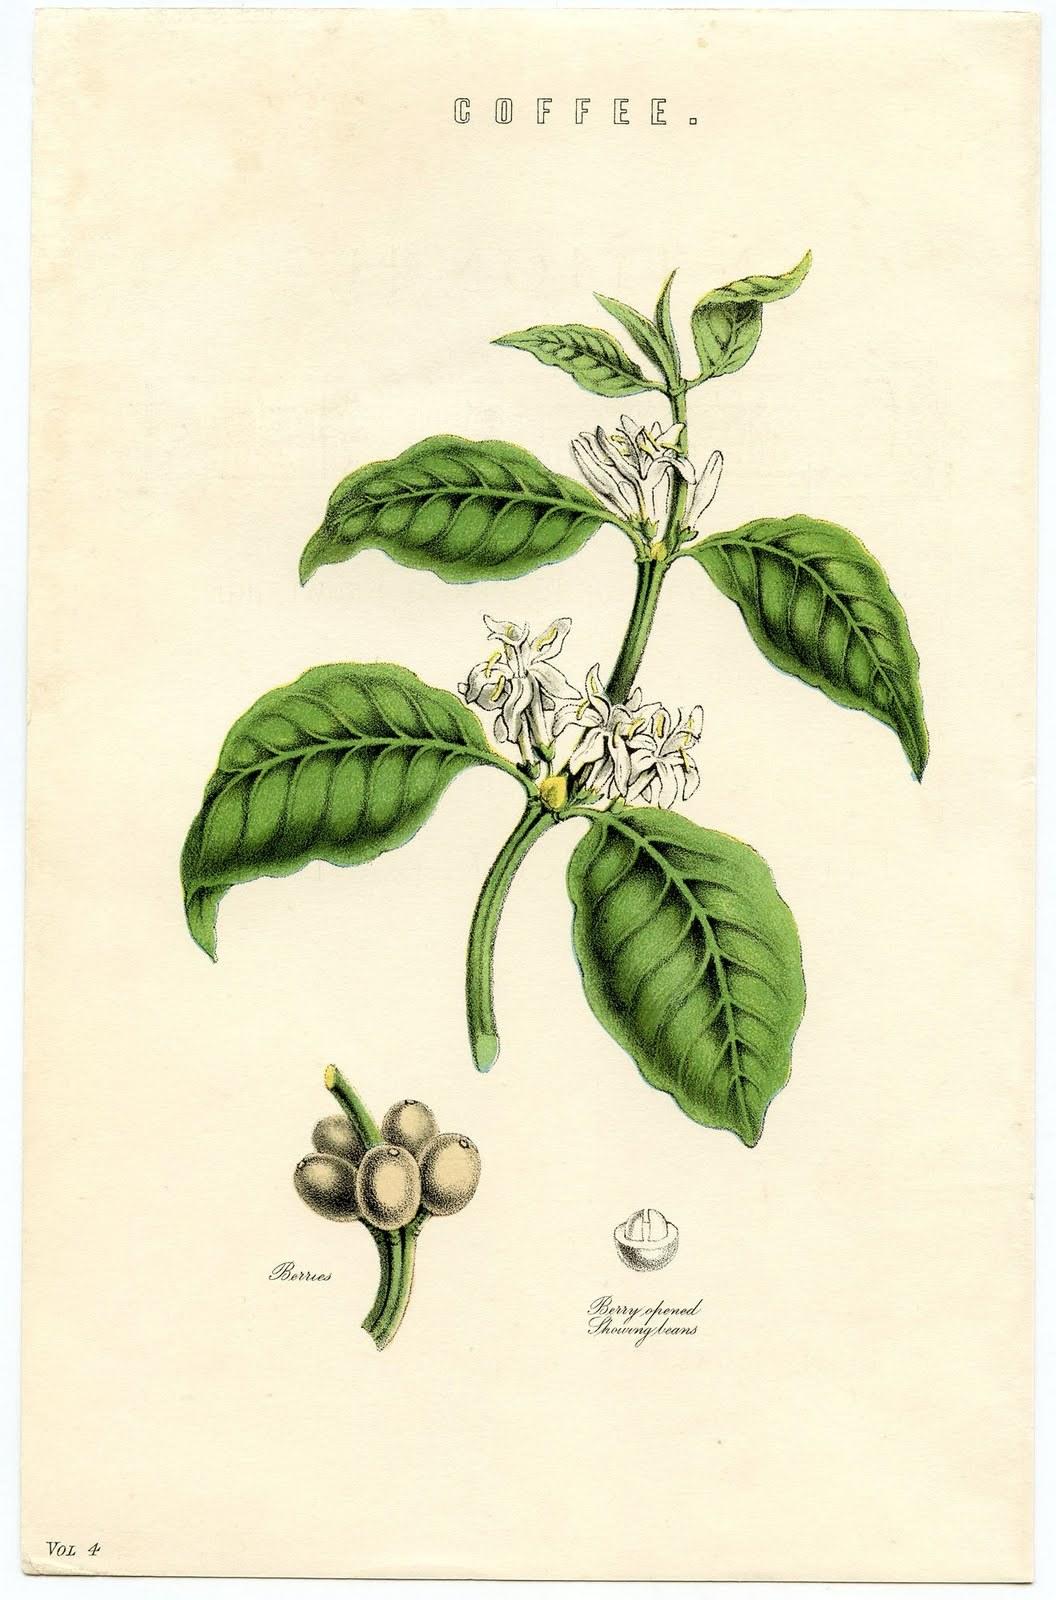 雨降りなのでネット美術館で古い植物画鑑賞_c0025115_22263884.jpg